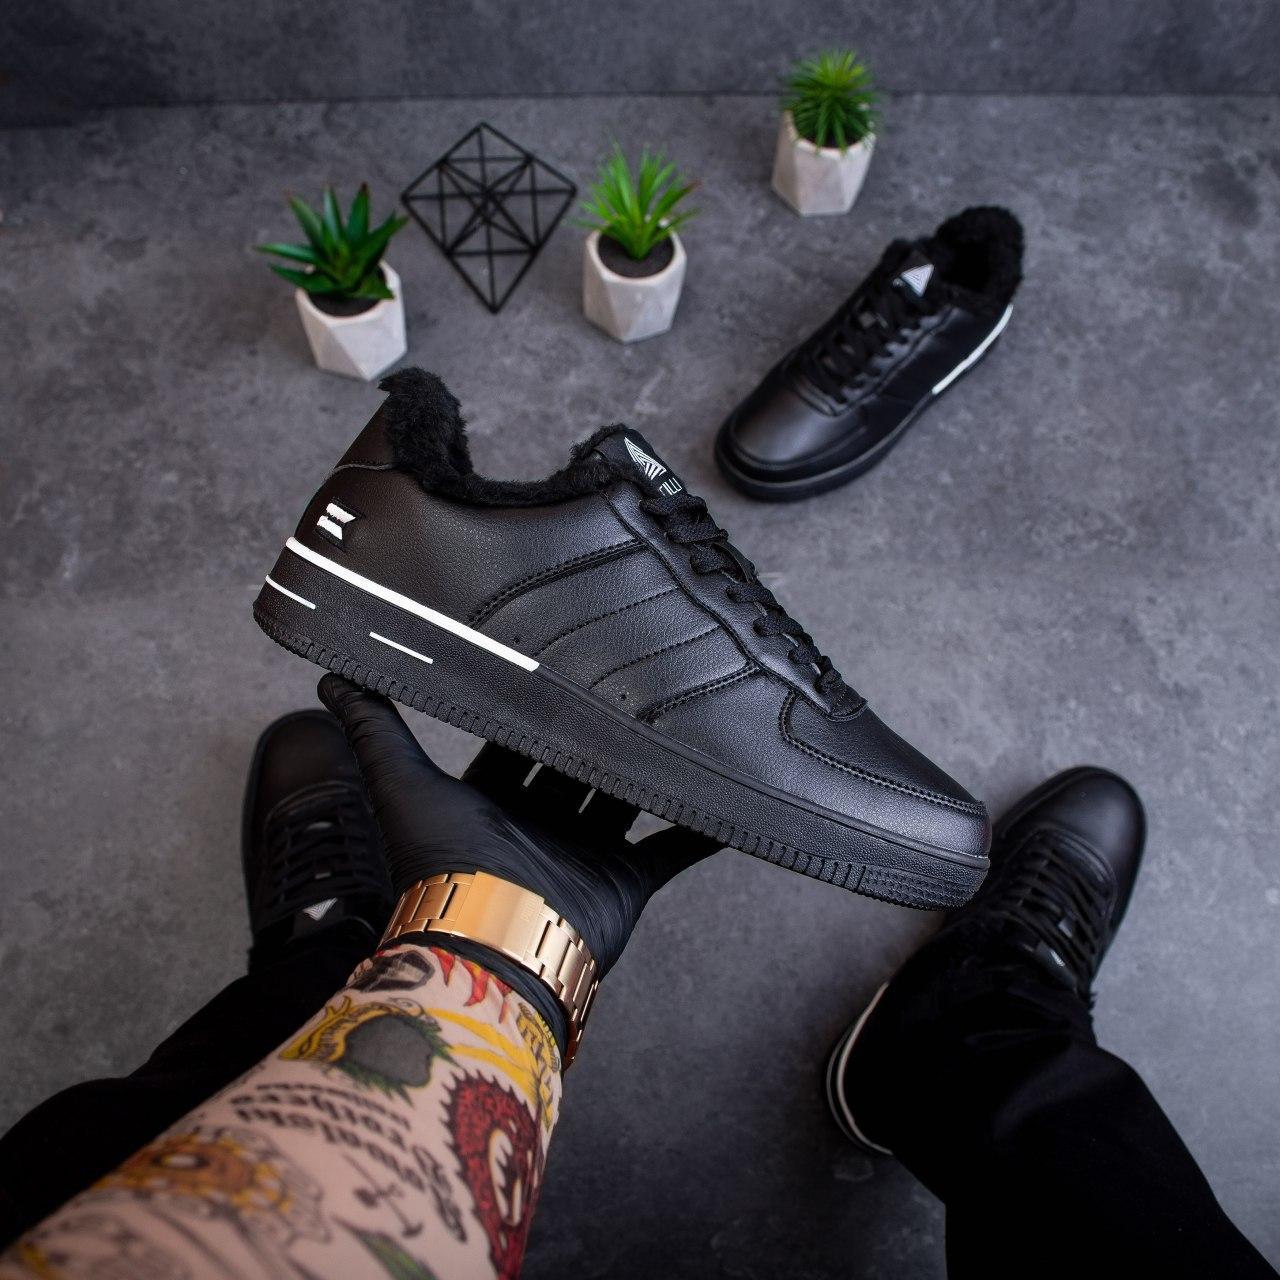 Мужские зимние кроссовки Стилли форс флаг (черно - белые)